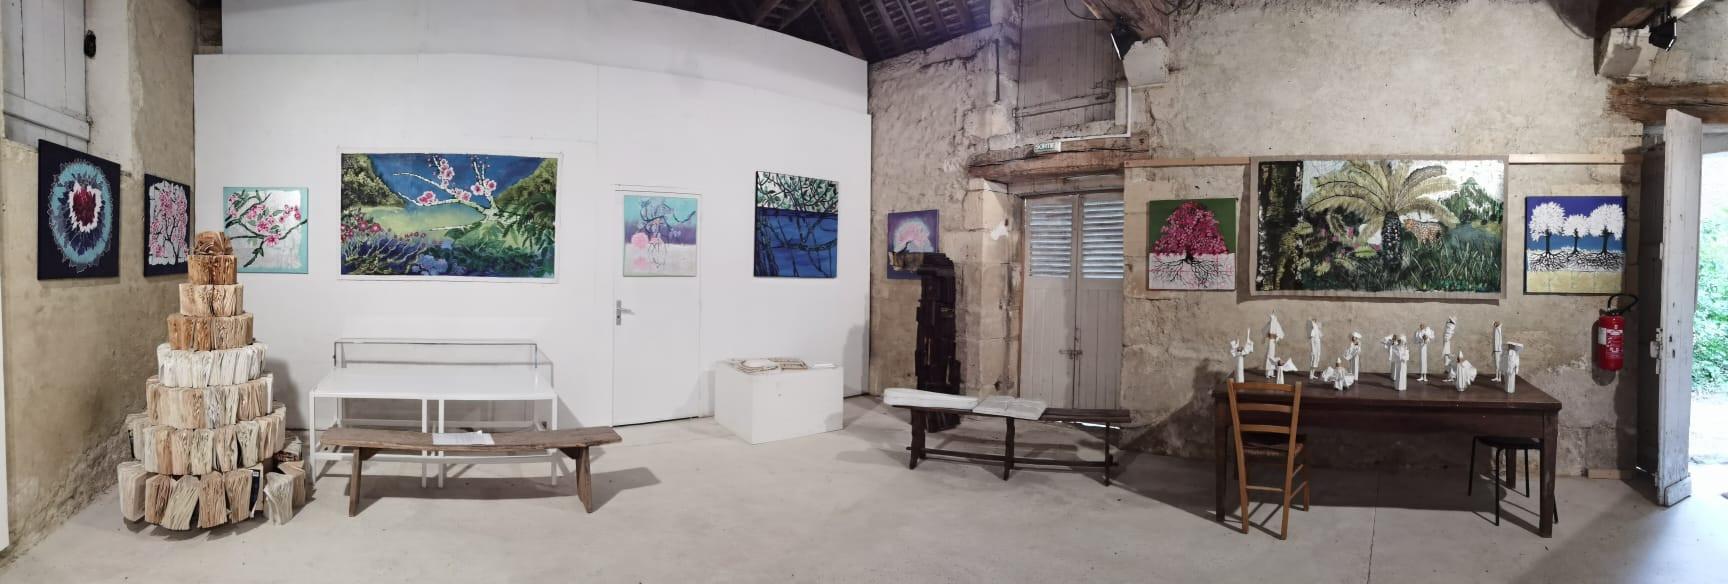 Centre artistique de Verderonne - 16.JPG